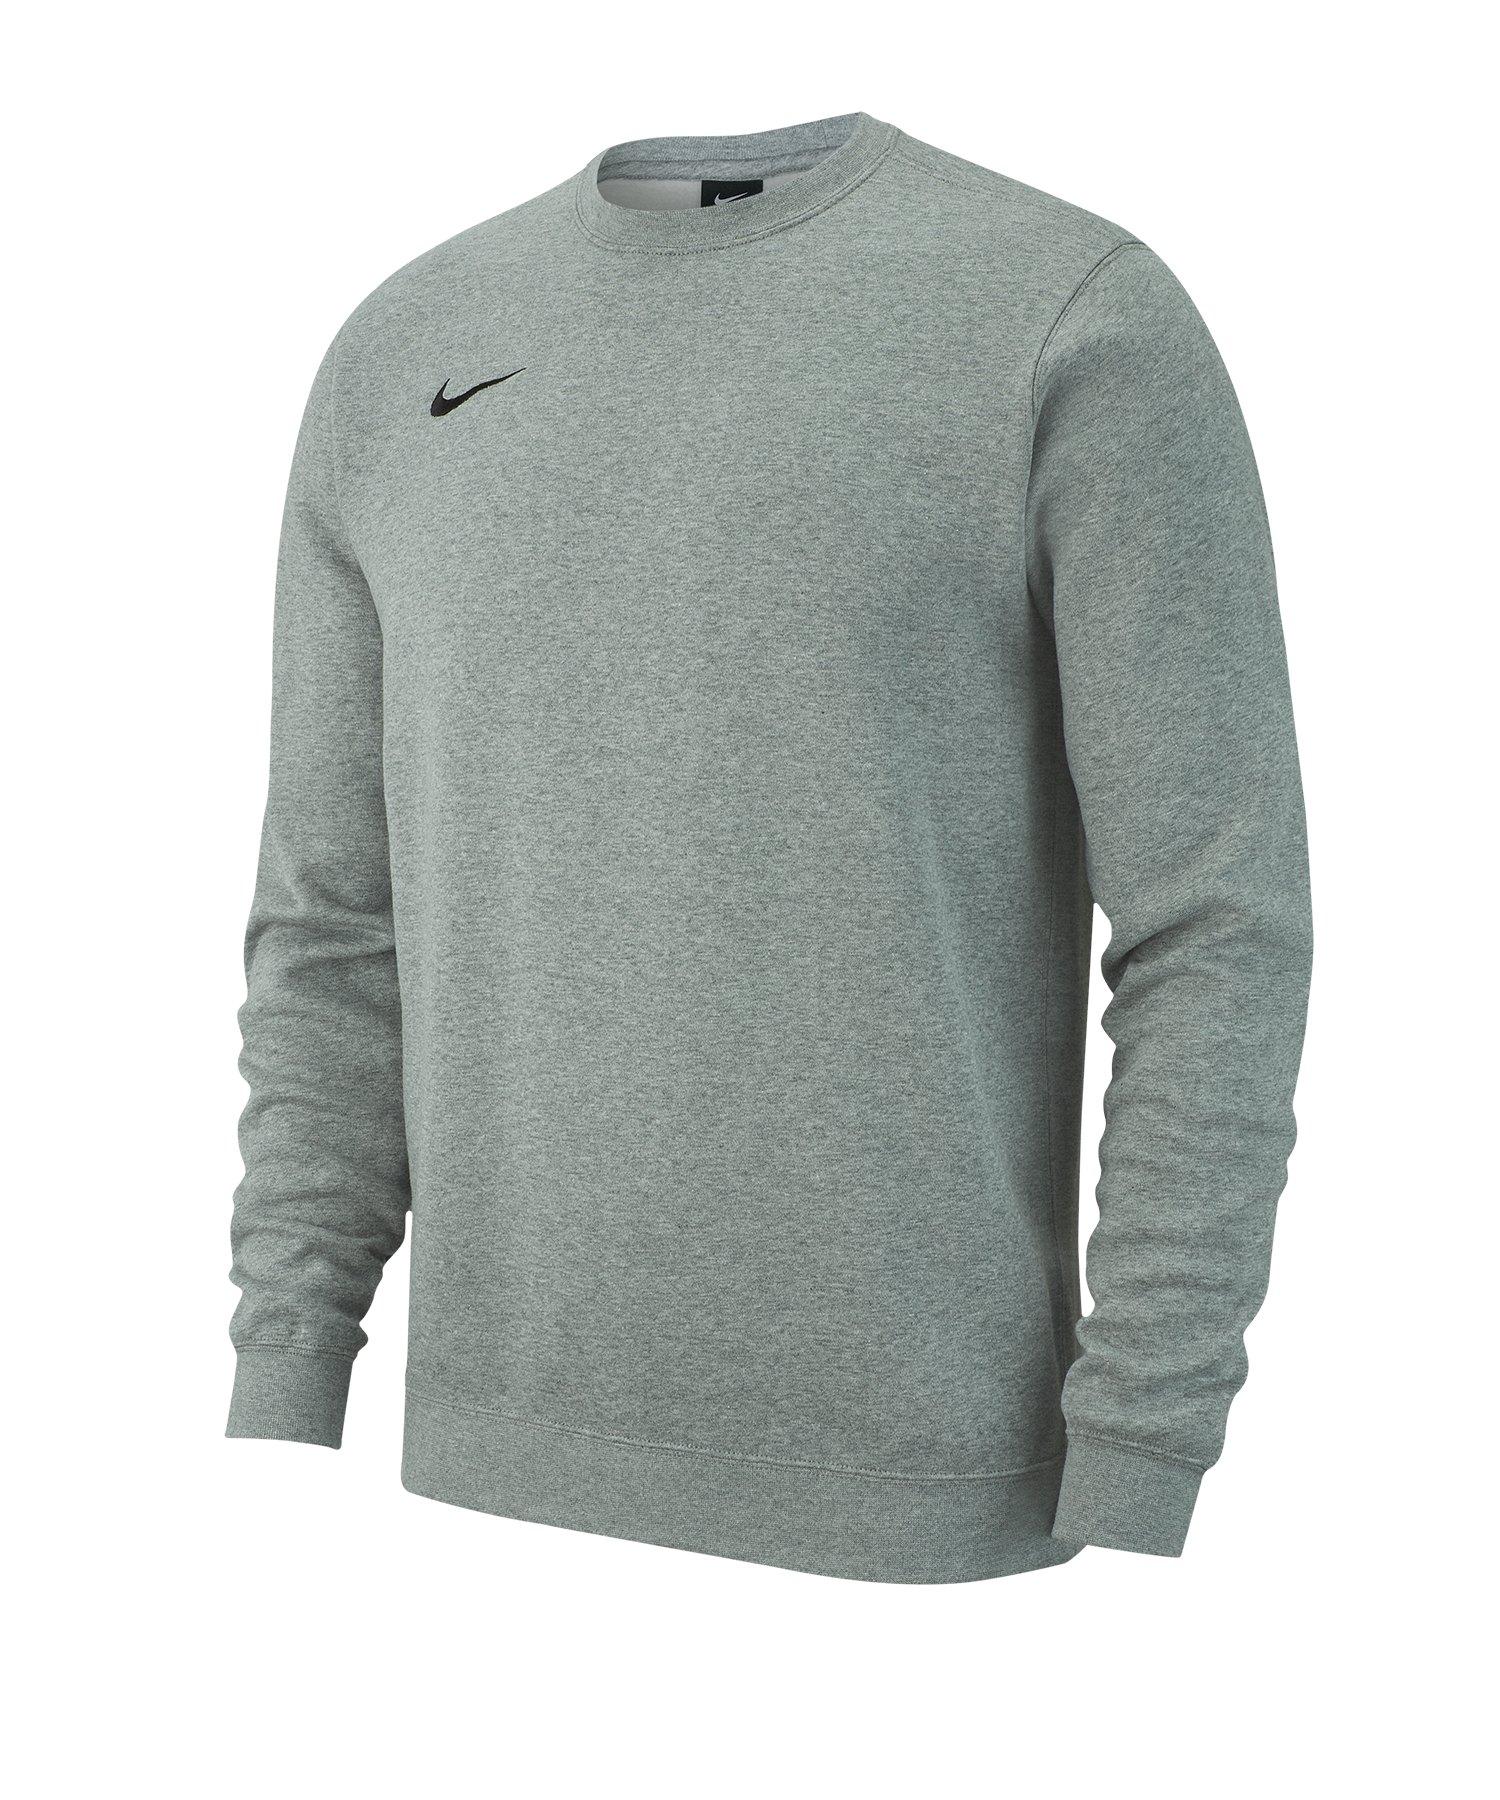 Nike Team Club 19 Fleece Sweatshirt Kids Grau F063 - grau